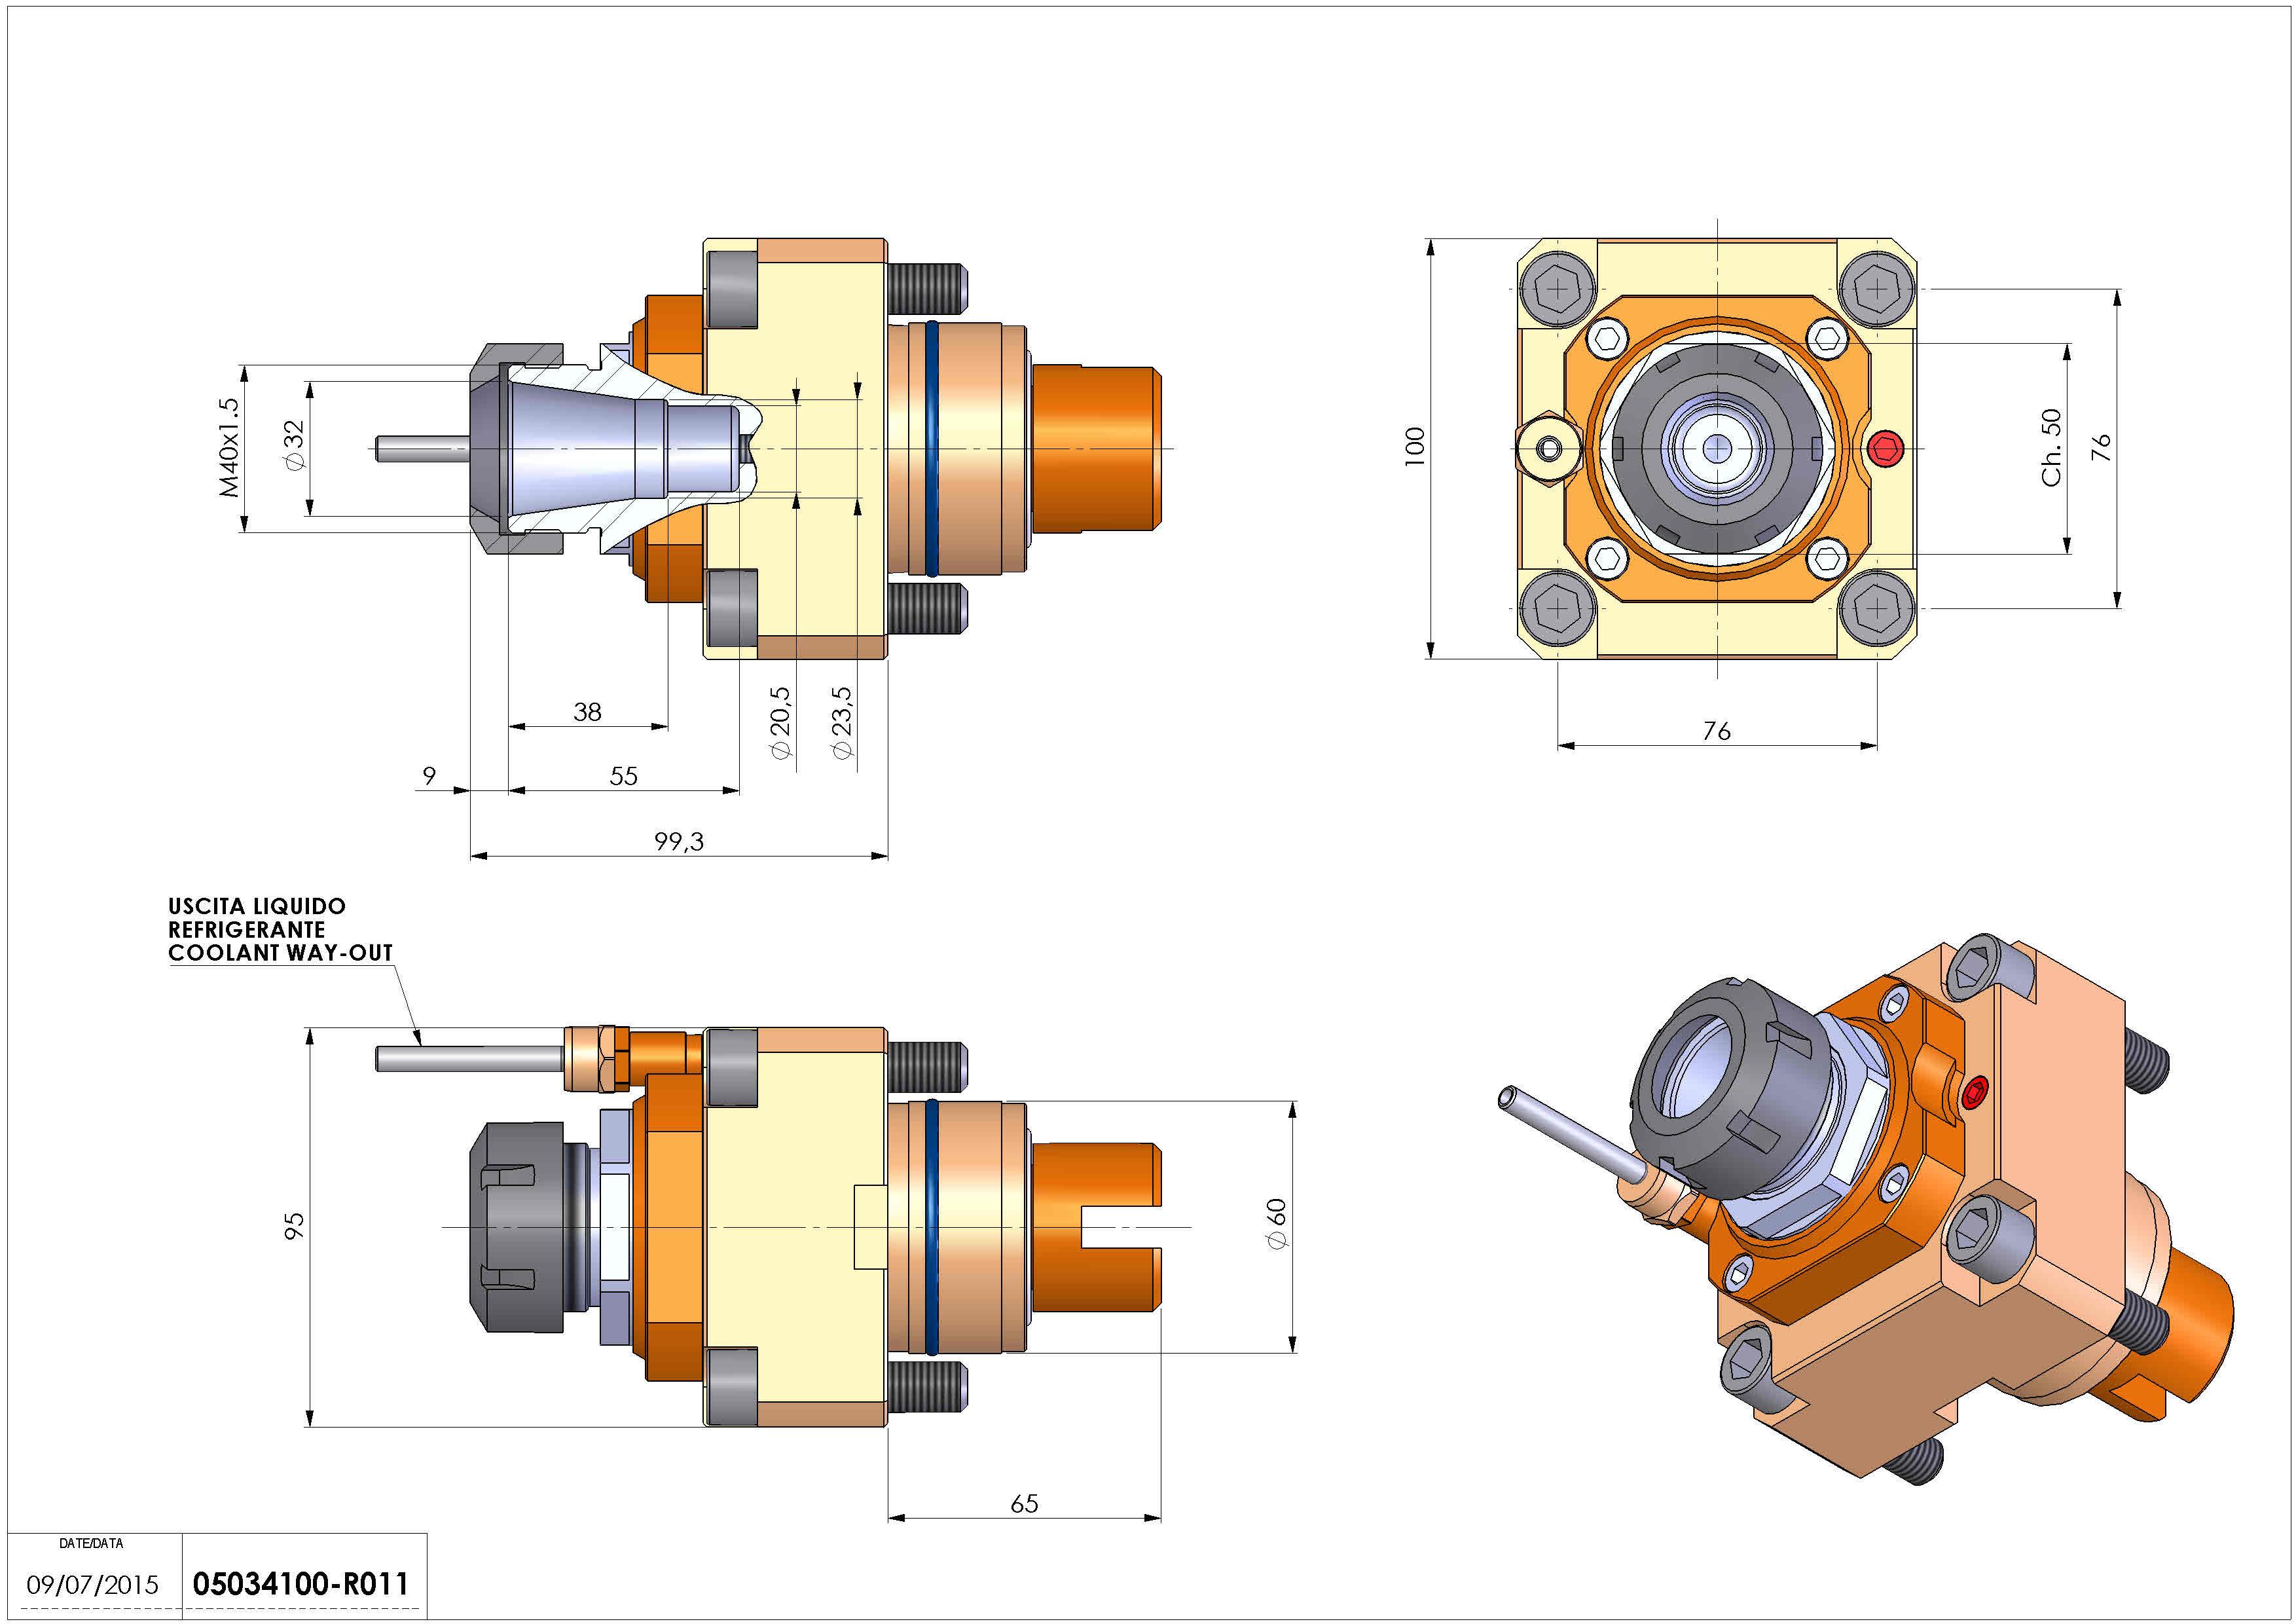 Technical image - LT-S D60 ER32 H100 TA25 TW.